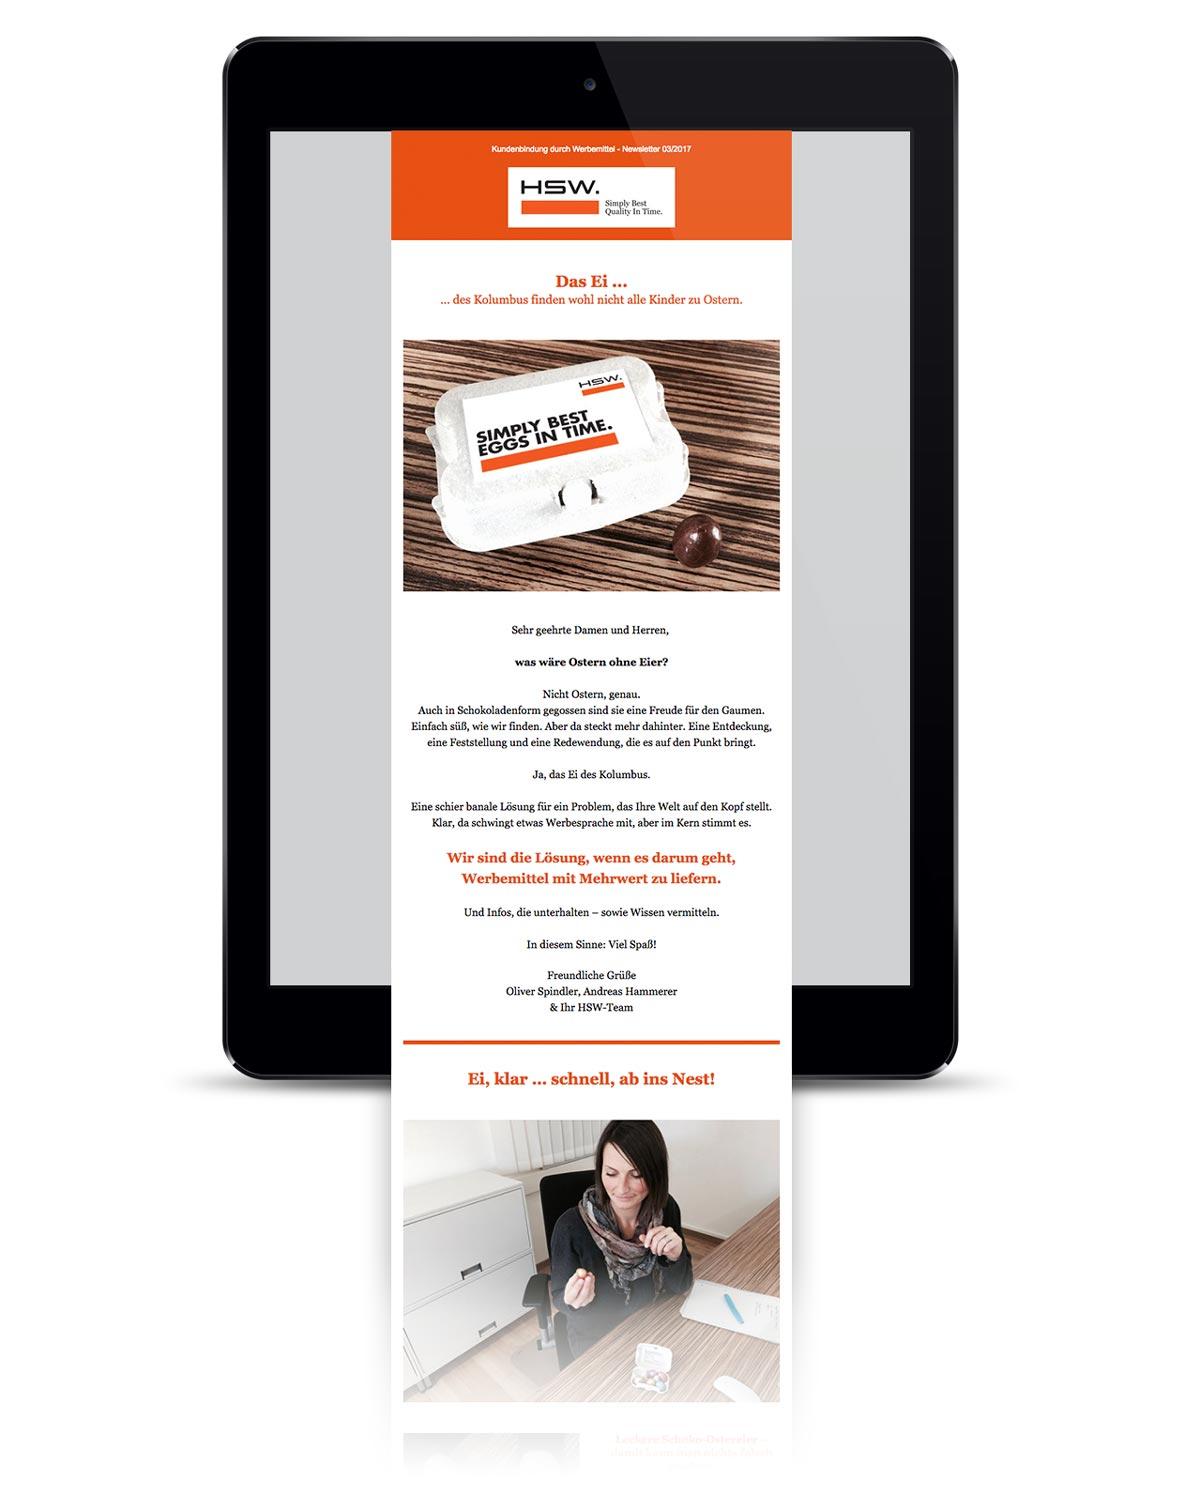 newsletter-hsw-werbemittel-designkitchen-2.jpg